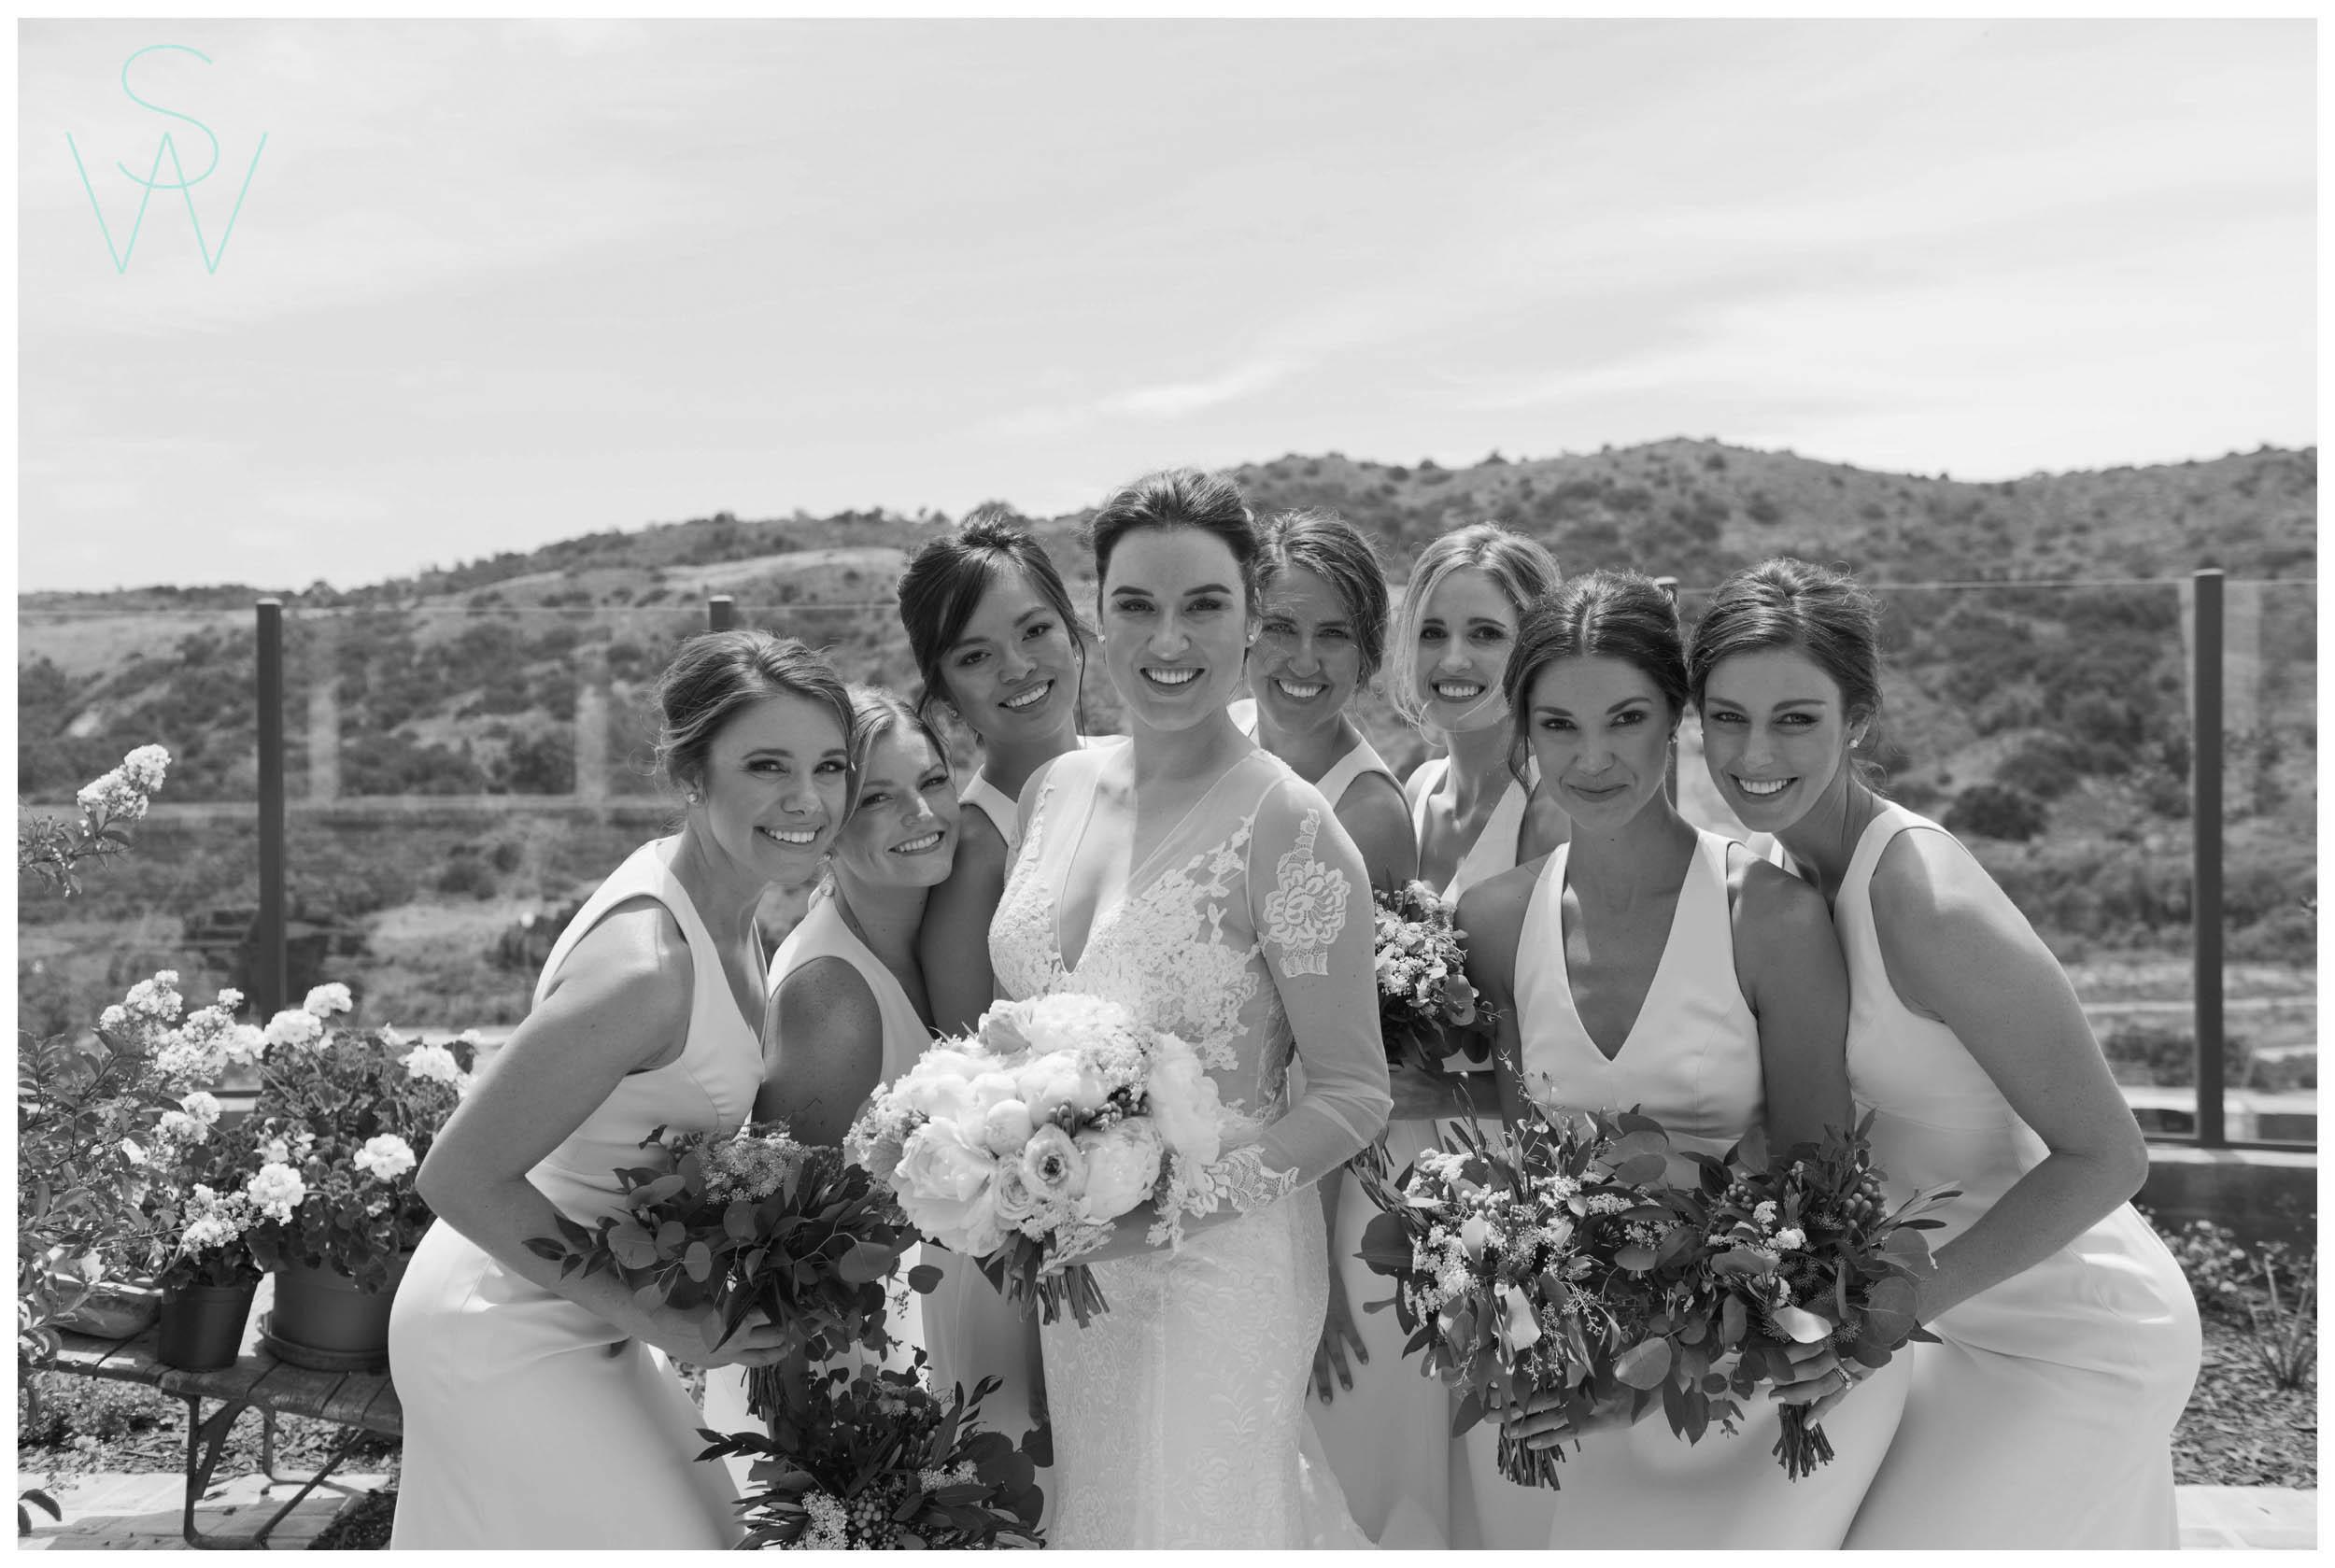 Shewanders.san_.diego_.wedding.photography.private.estate.tara_.jason-3775.jpg.diego_.wedding.photography.private.estate.tara_.jason-377.jpg